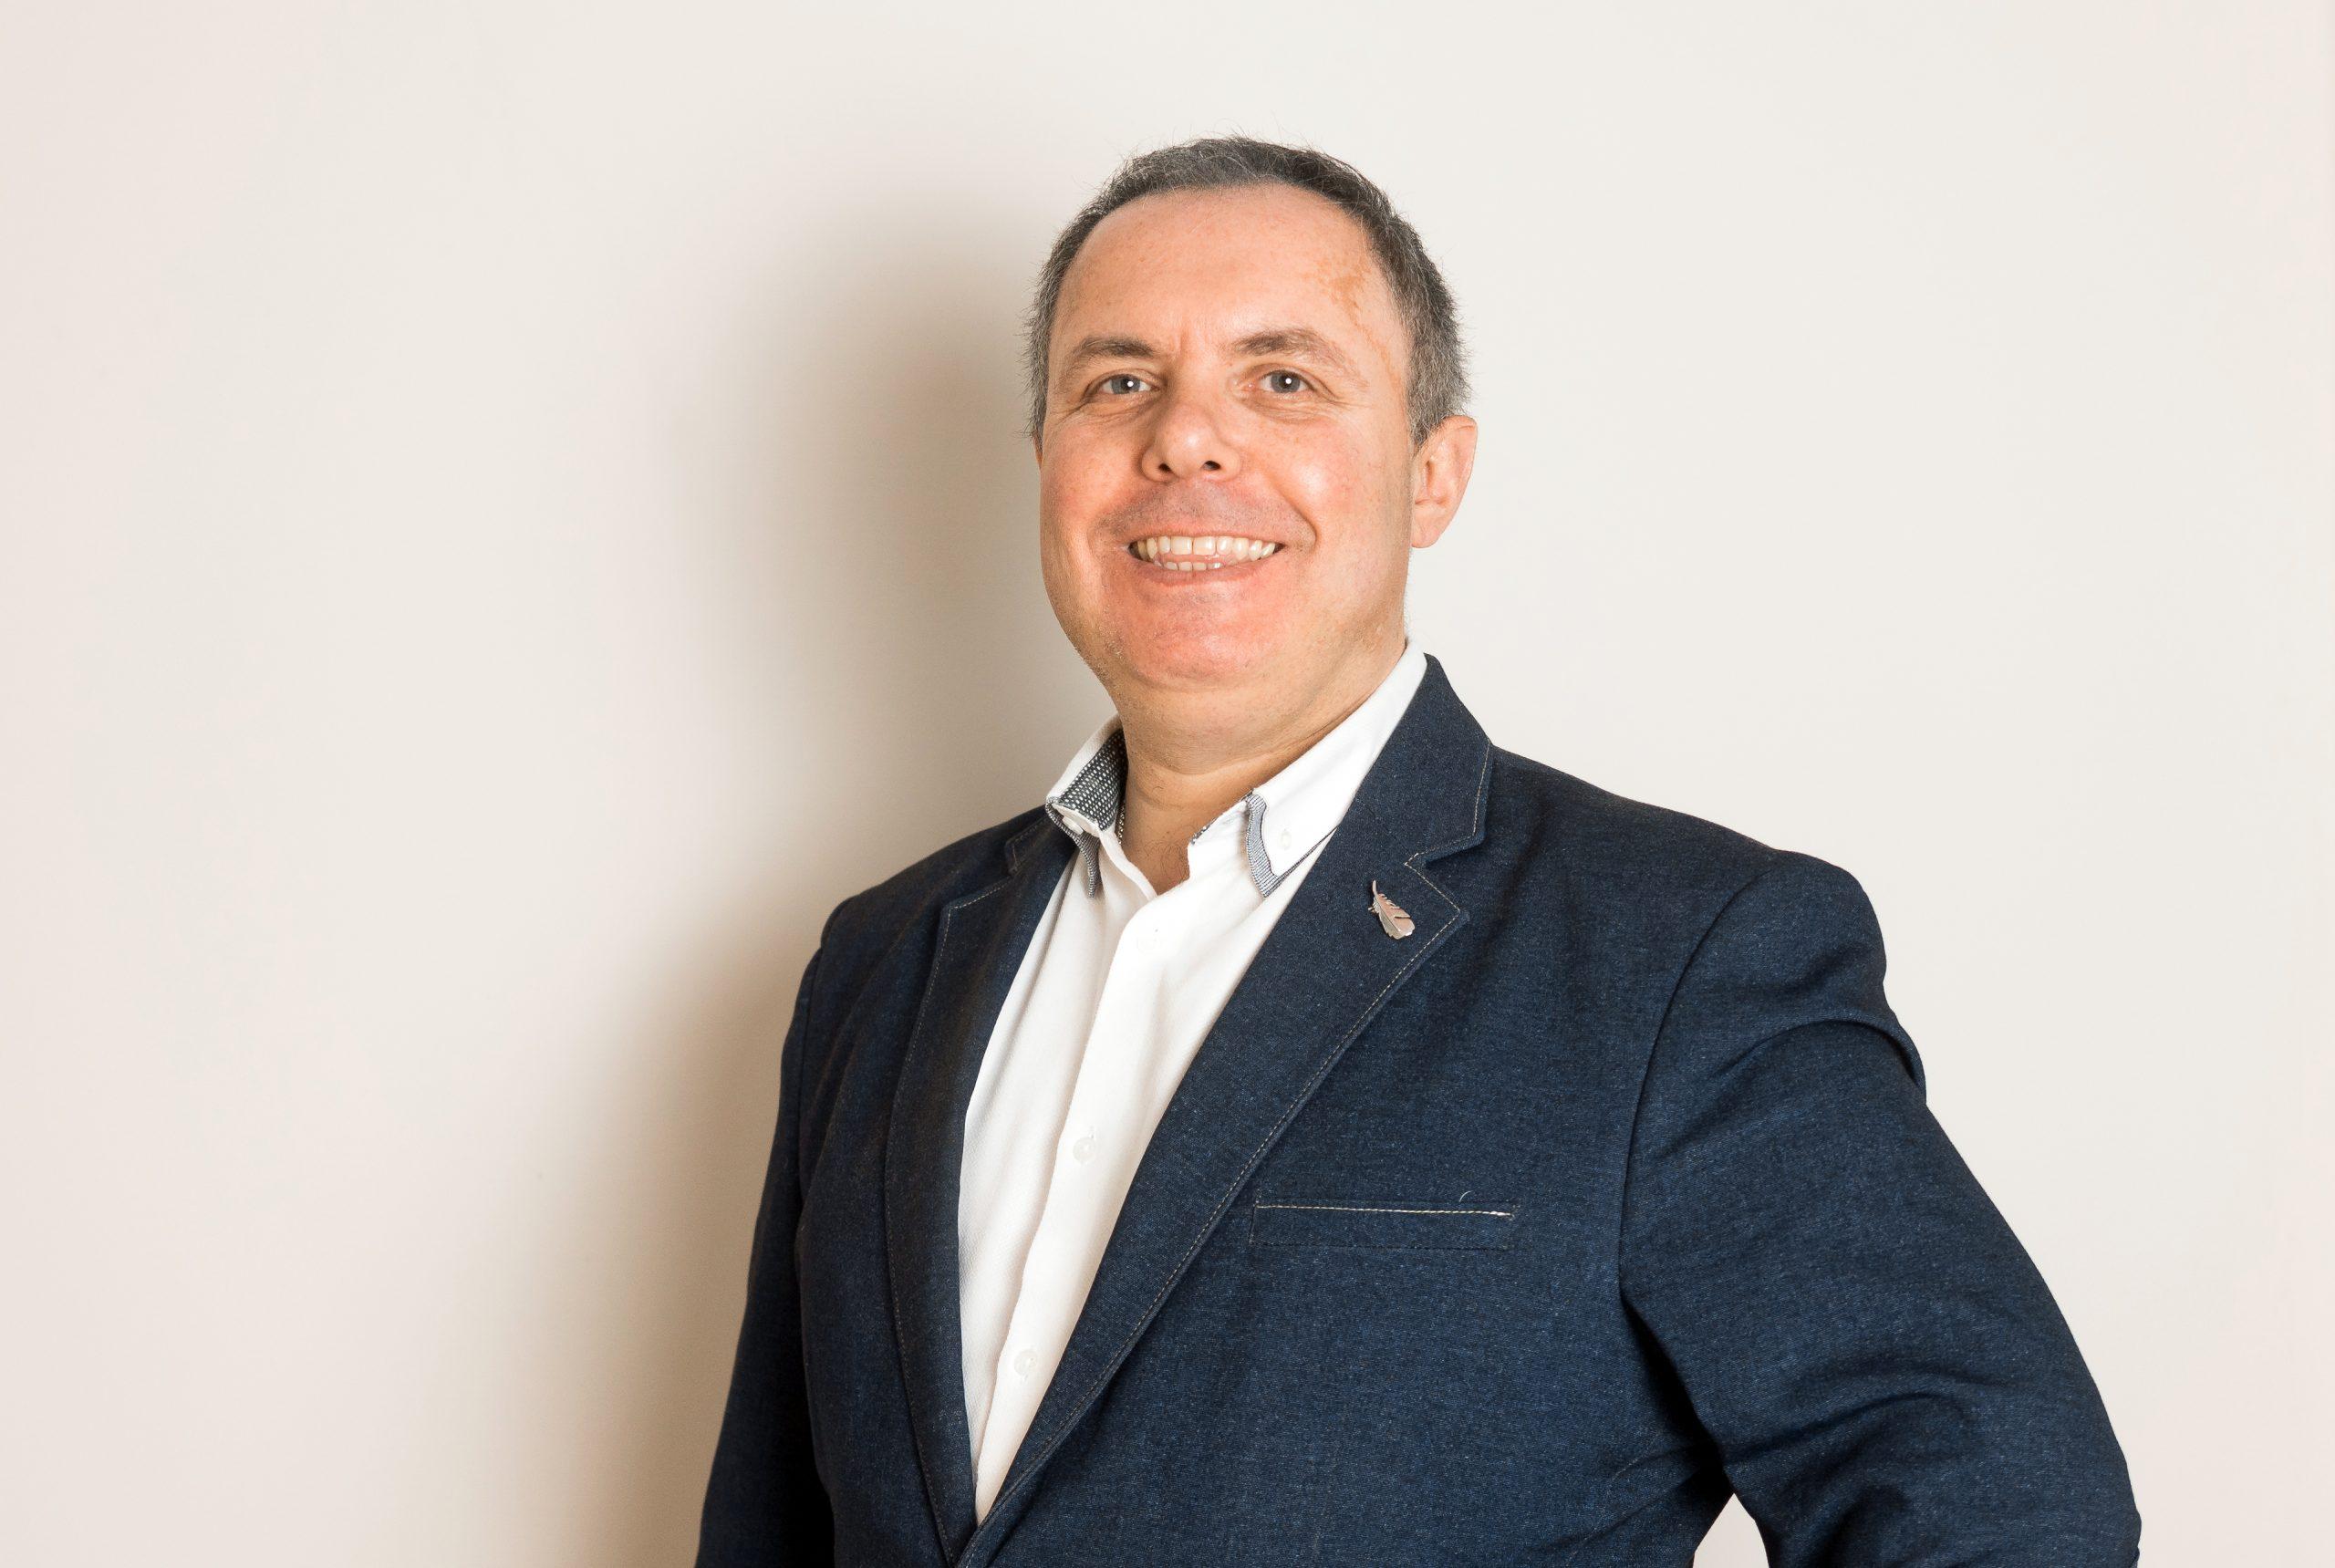 Dr. Gero Baiarda